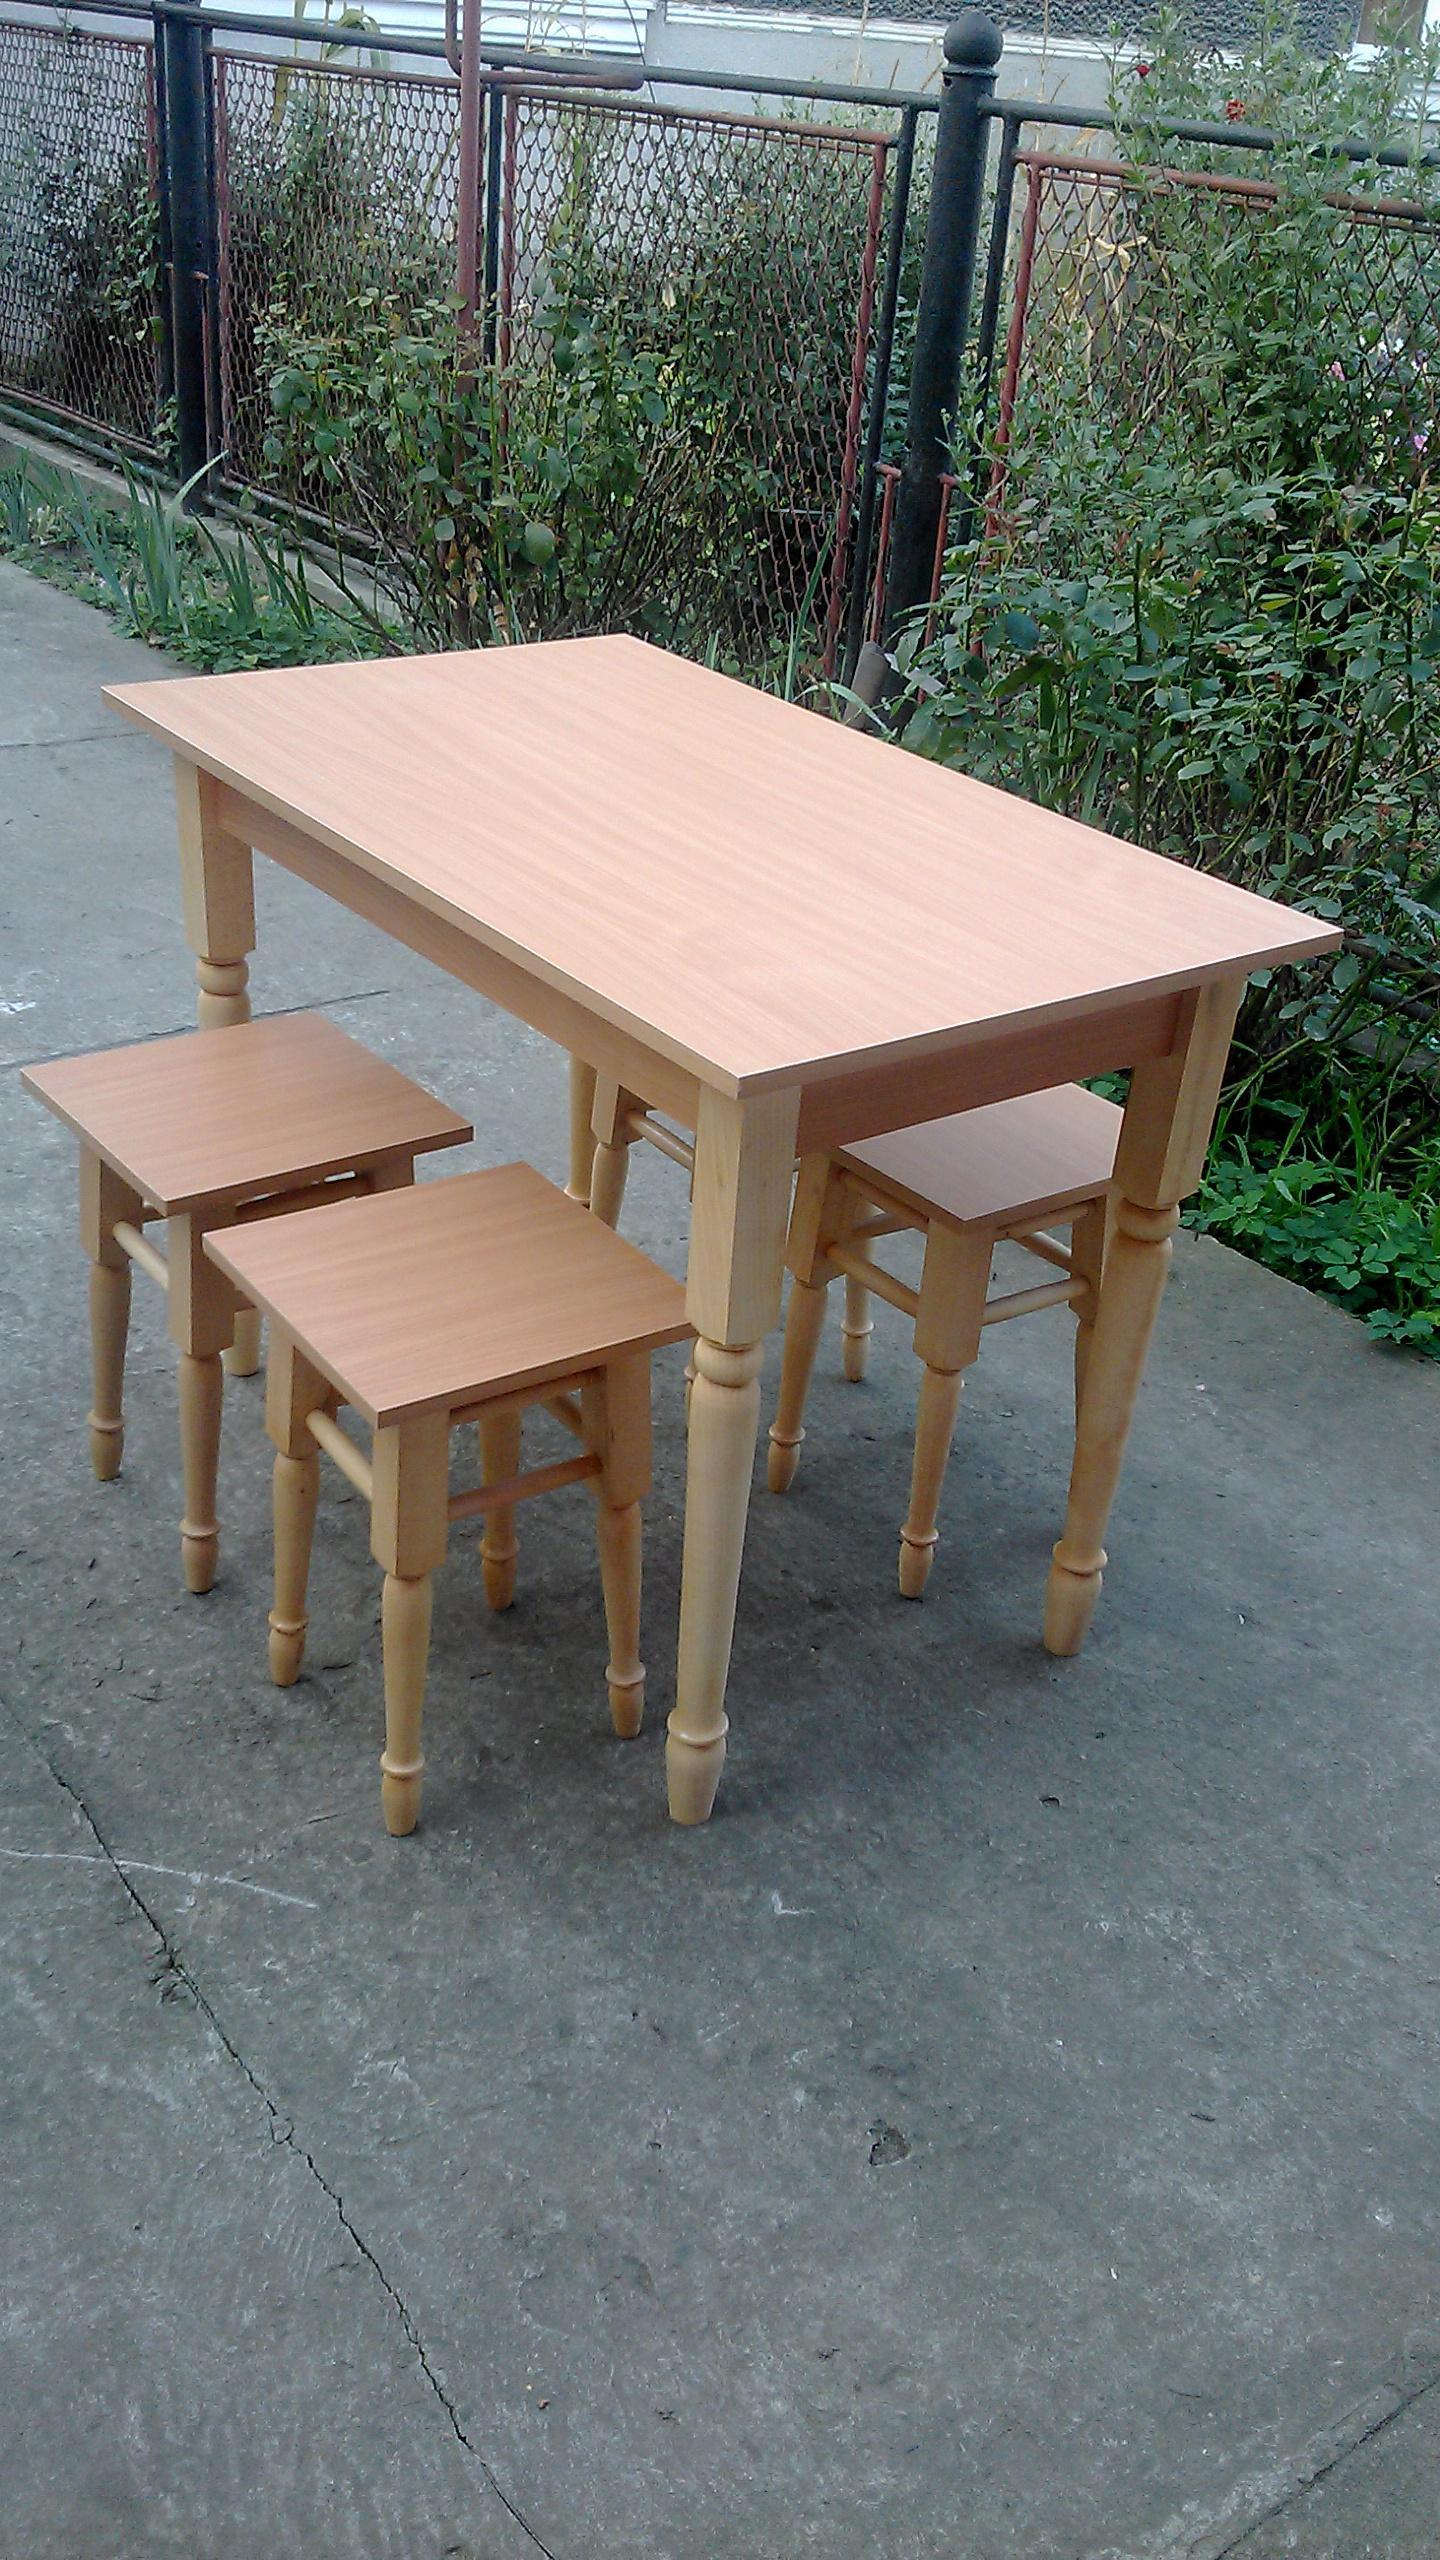 стіл та табуретки, зображення 1